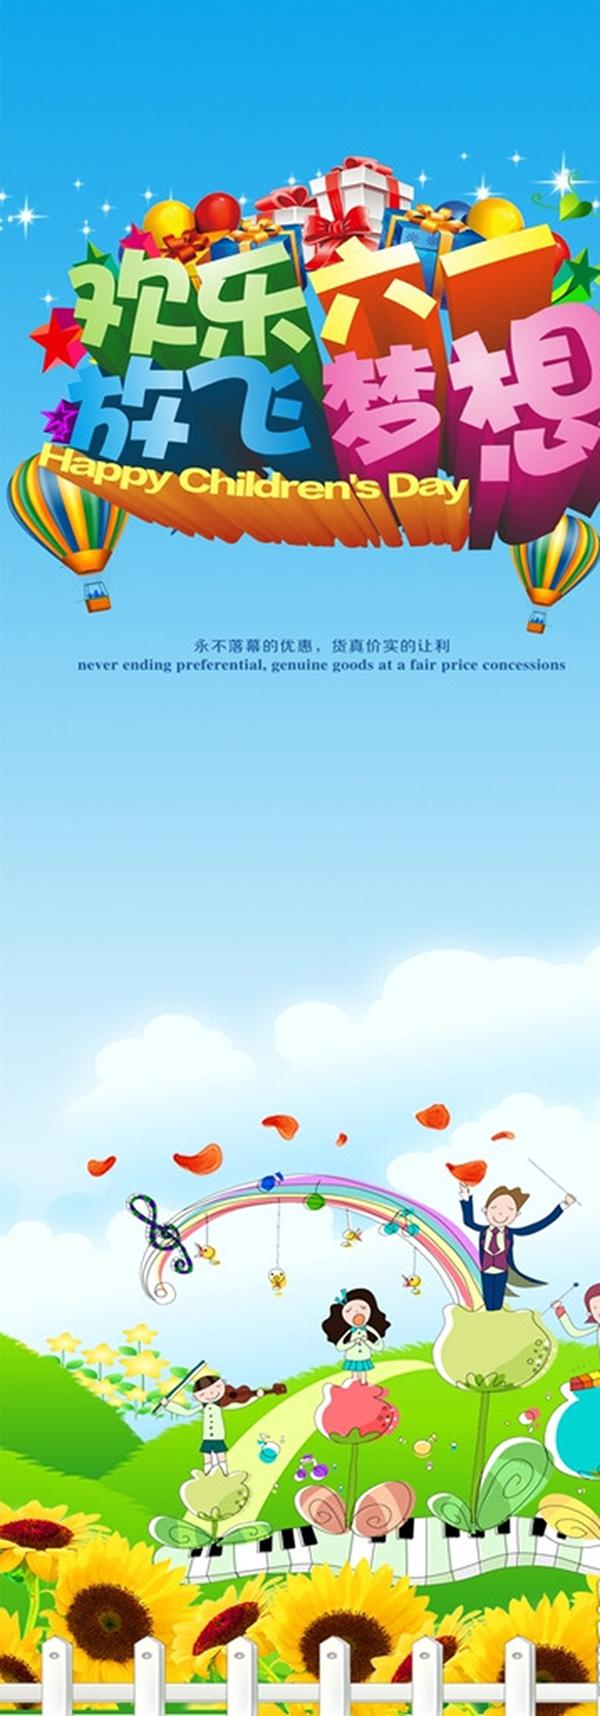 素材分类: 矢量儿童节所需点数: 0 点 关键词: 六一儿童节放飞梦想